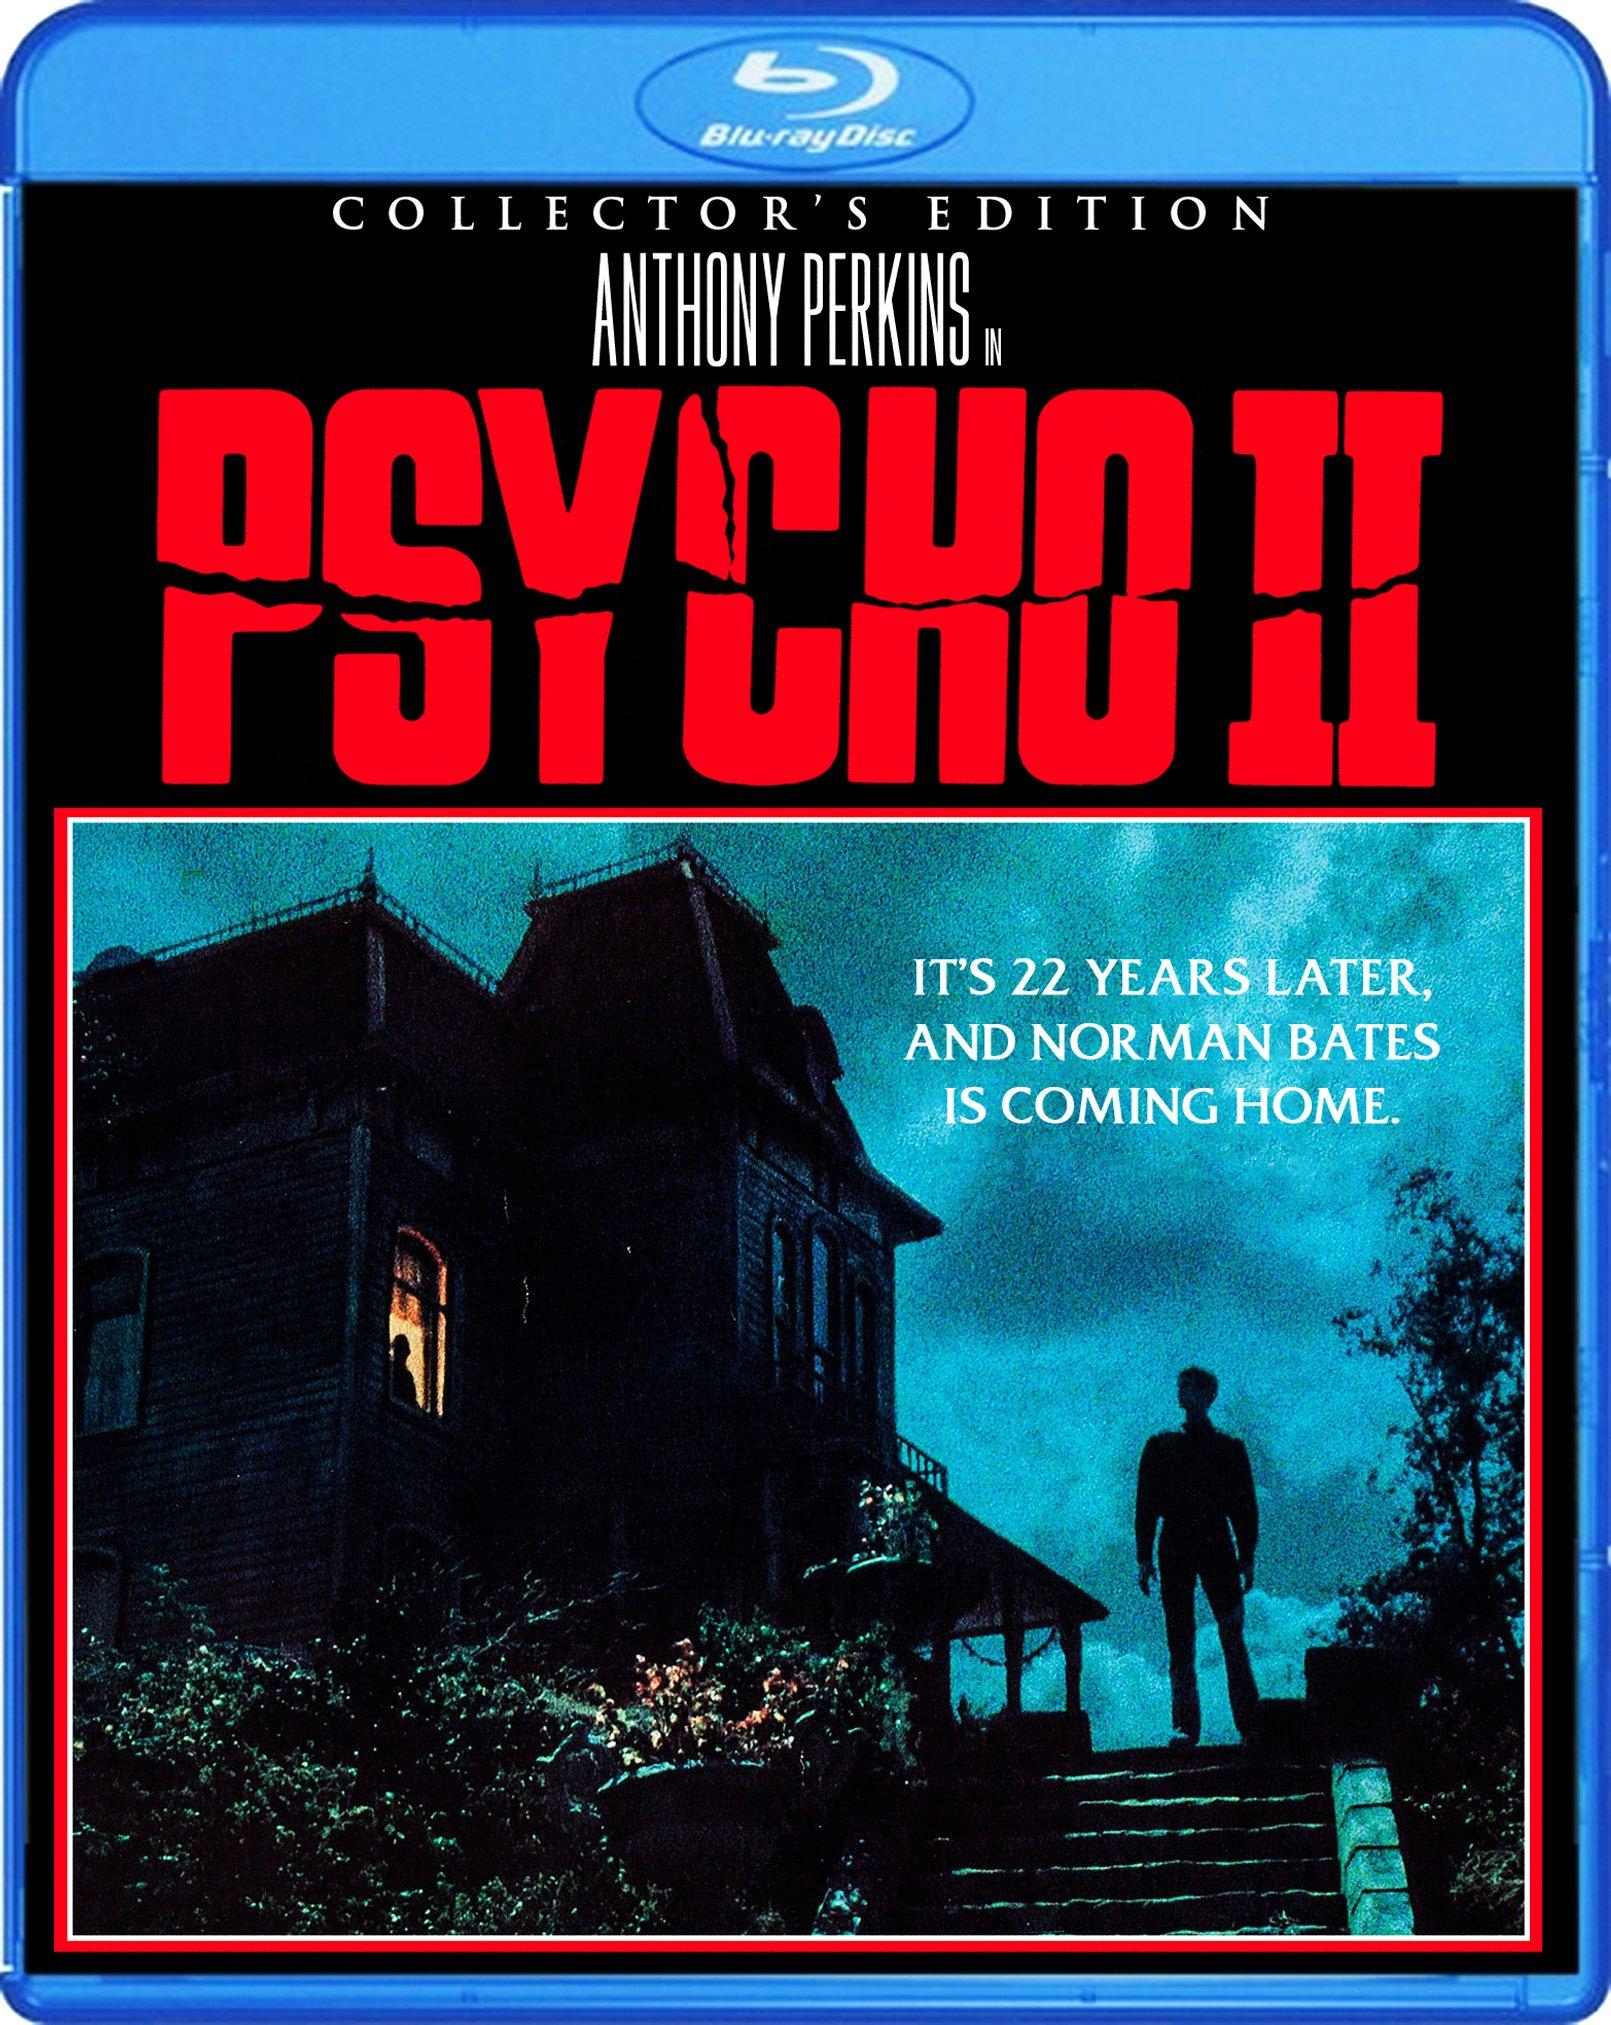 惊魂记2/触目惊心2/精神病患者 Psycho.II.1983.720p.BluRay.DTS.x264-AXED